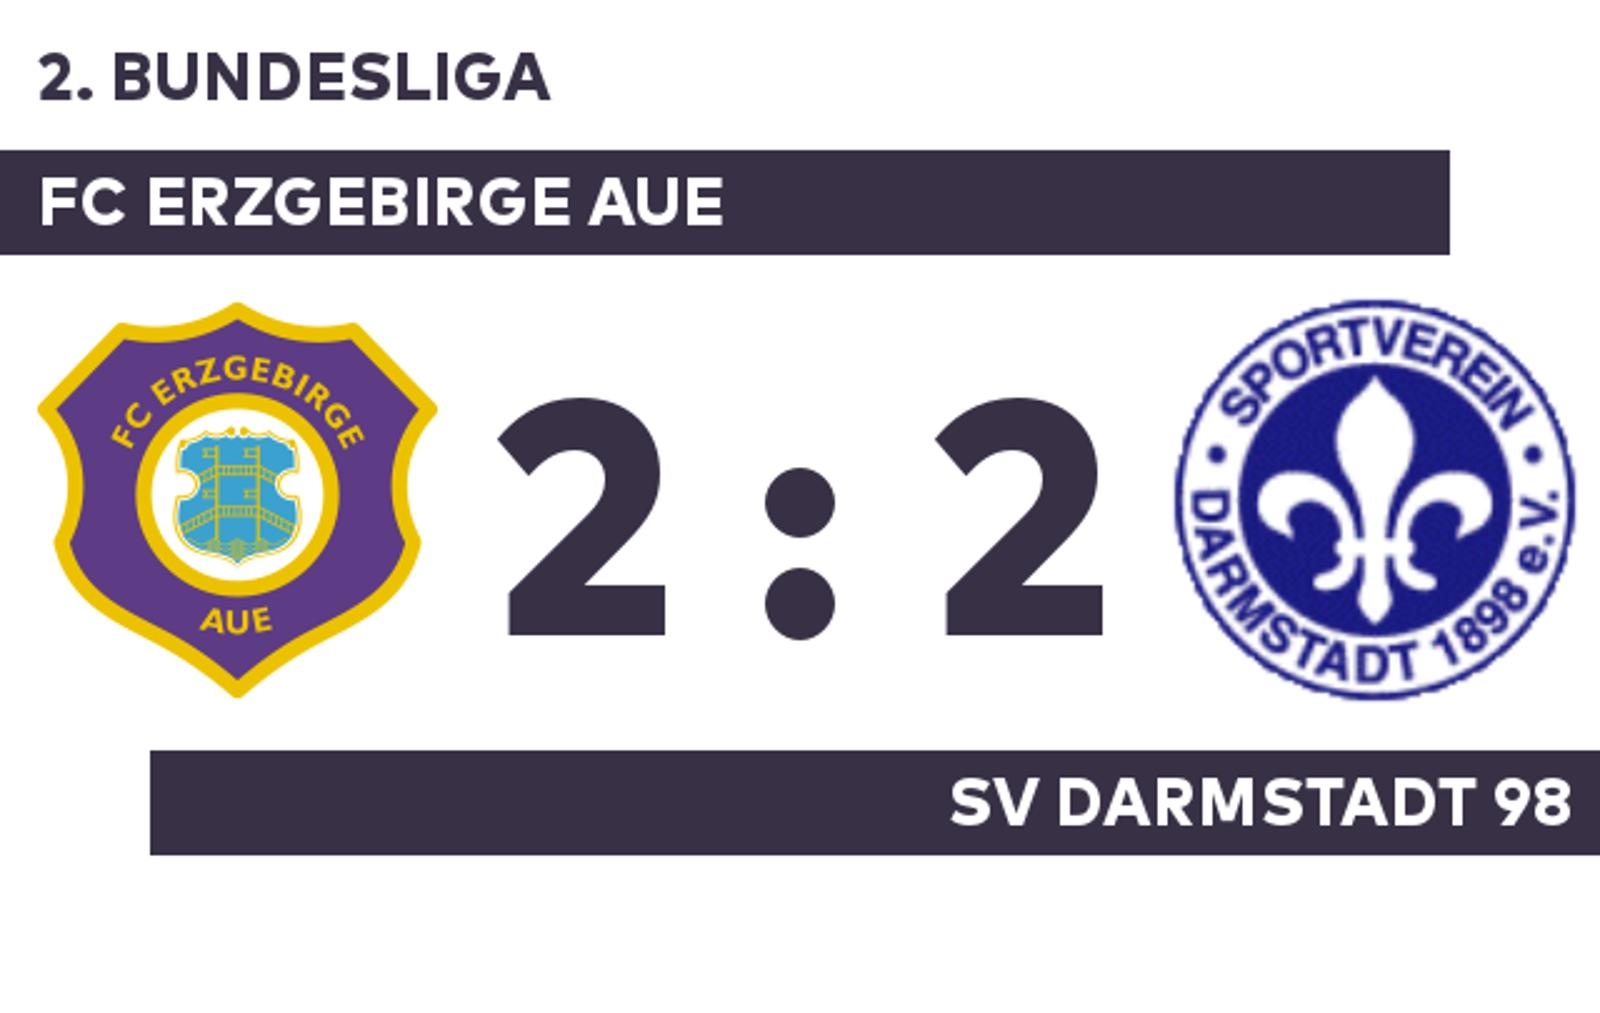 Fc Erzgebirge Aue Sv Darmstadt 98 Sv Darmstadt 98 Wacht Erst